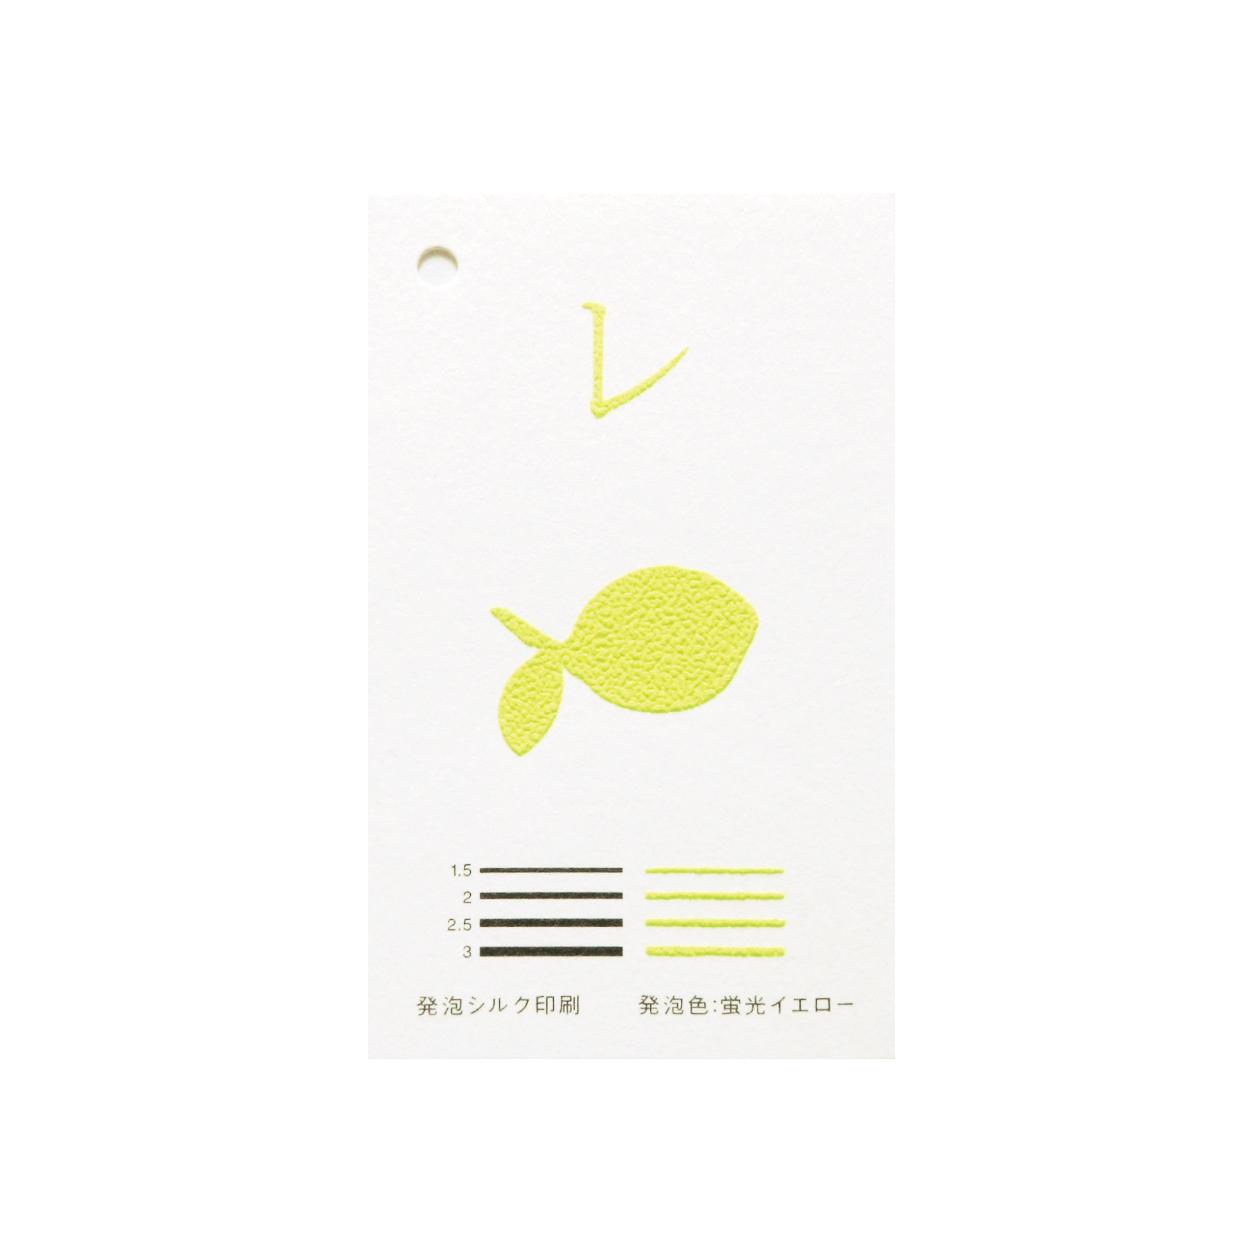 加工色見本 00135 発泡シルク 蛍光イエロー コットンスノーホワイト 232.8g